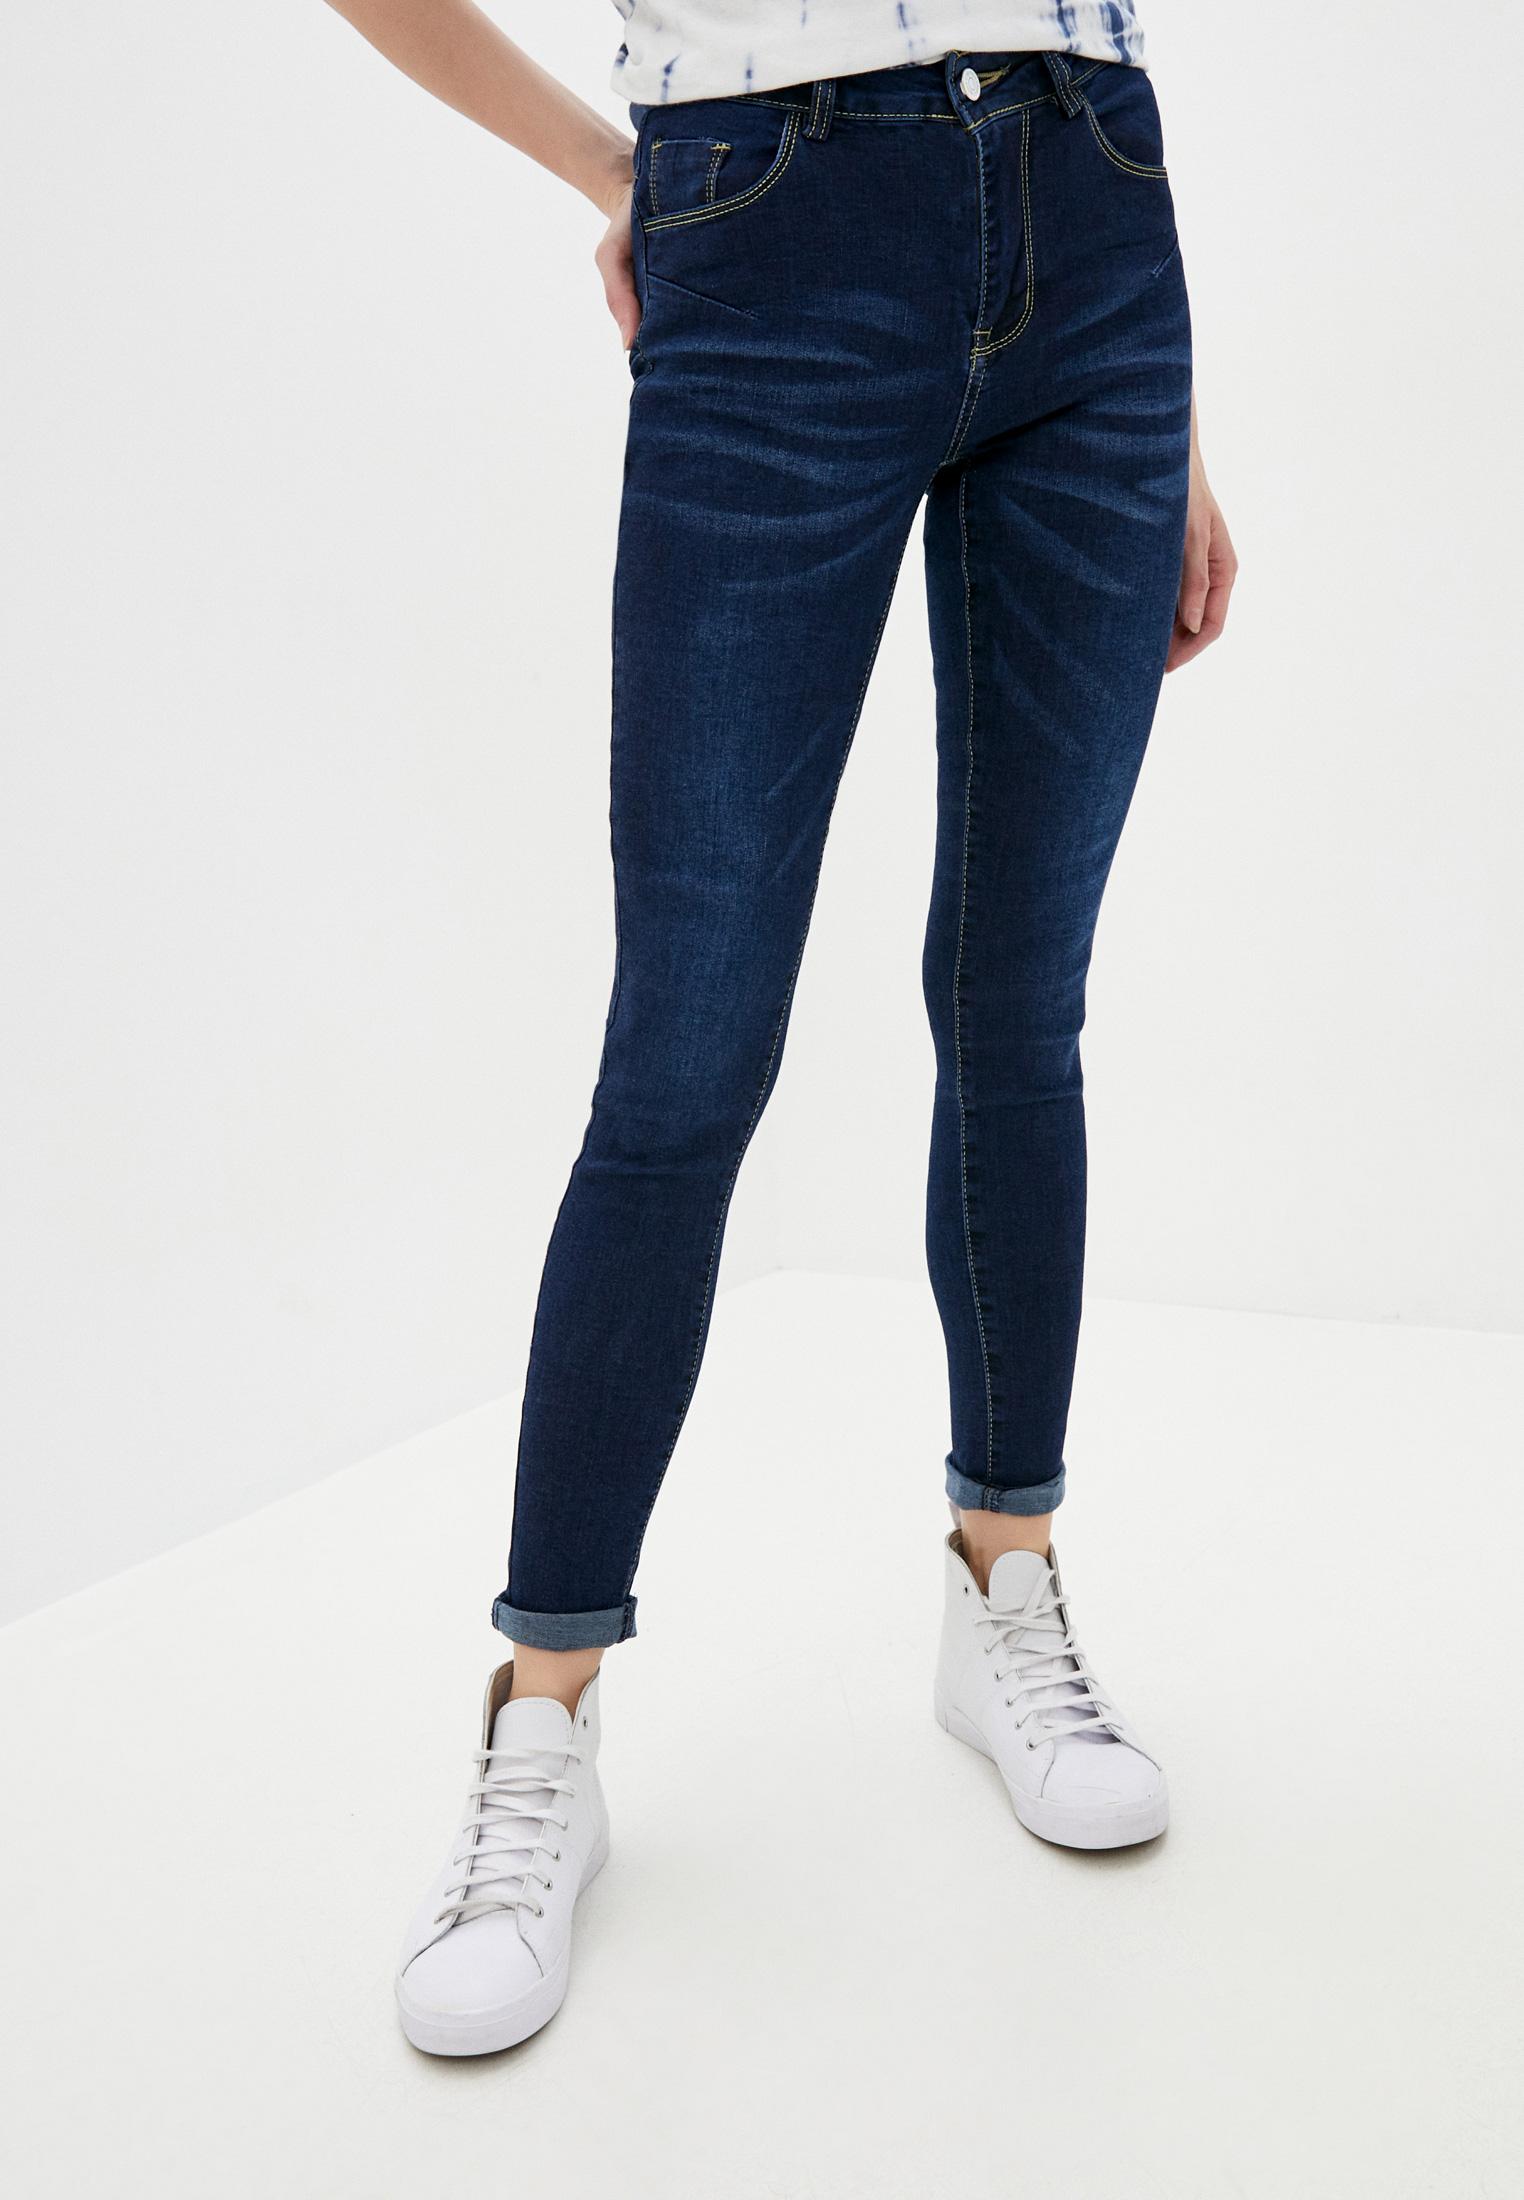 Зауженные джинсы Toku Tino TT8599327/002